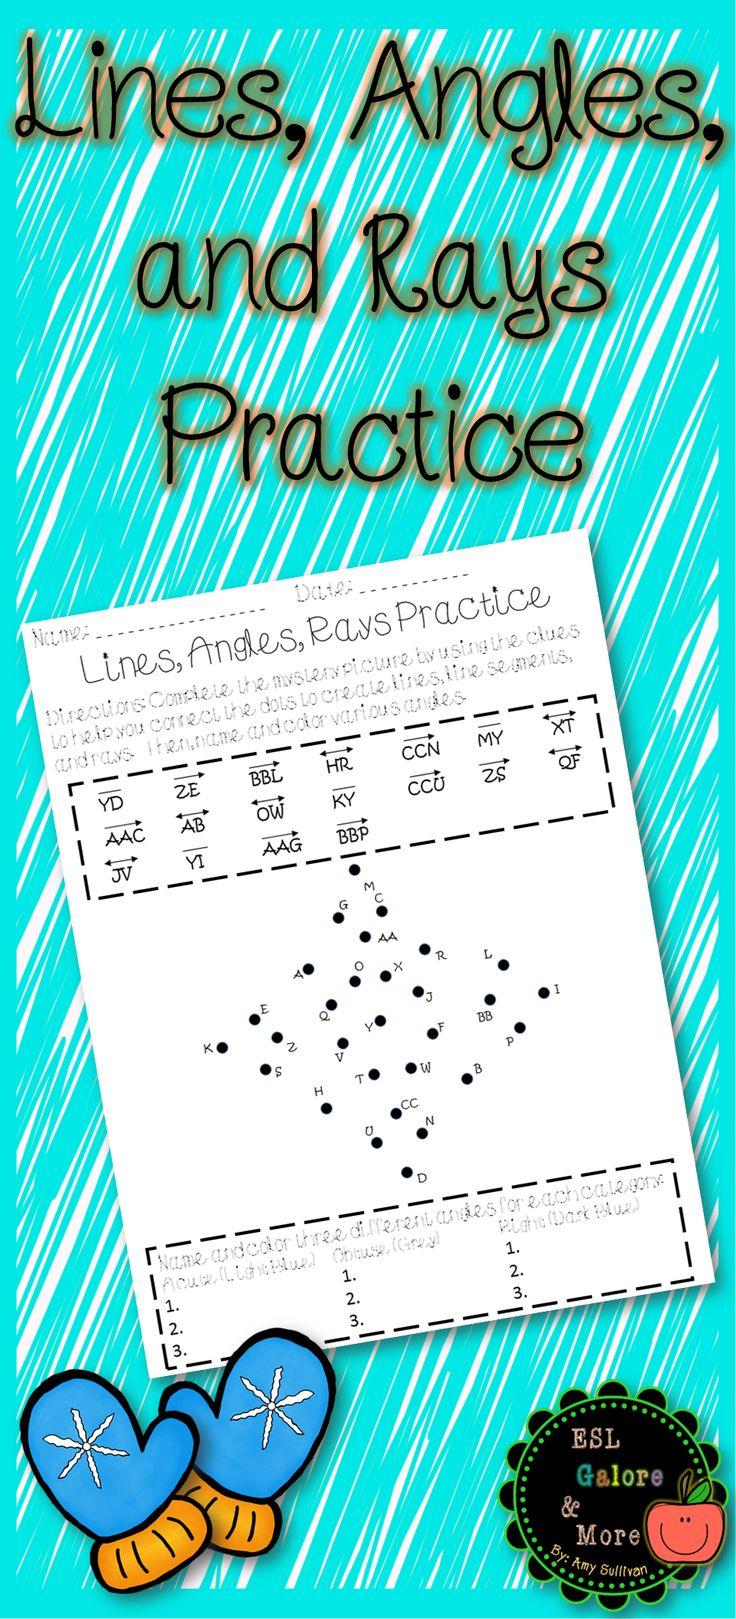 295 best Math Activity images on Pinterest | Math activities, Math ...